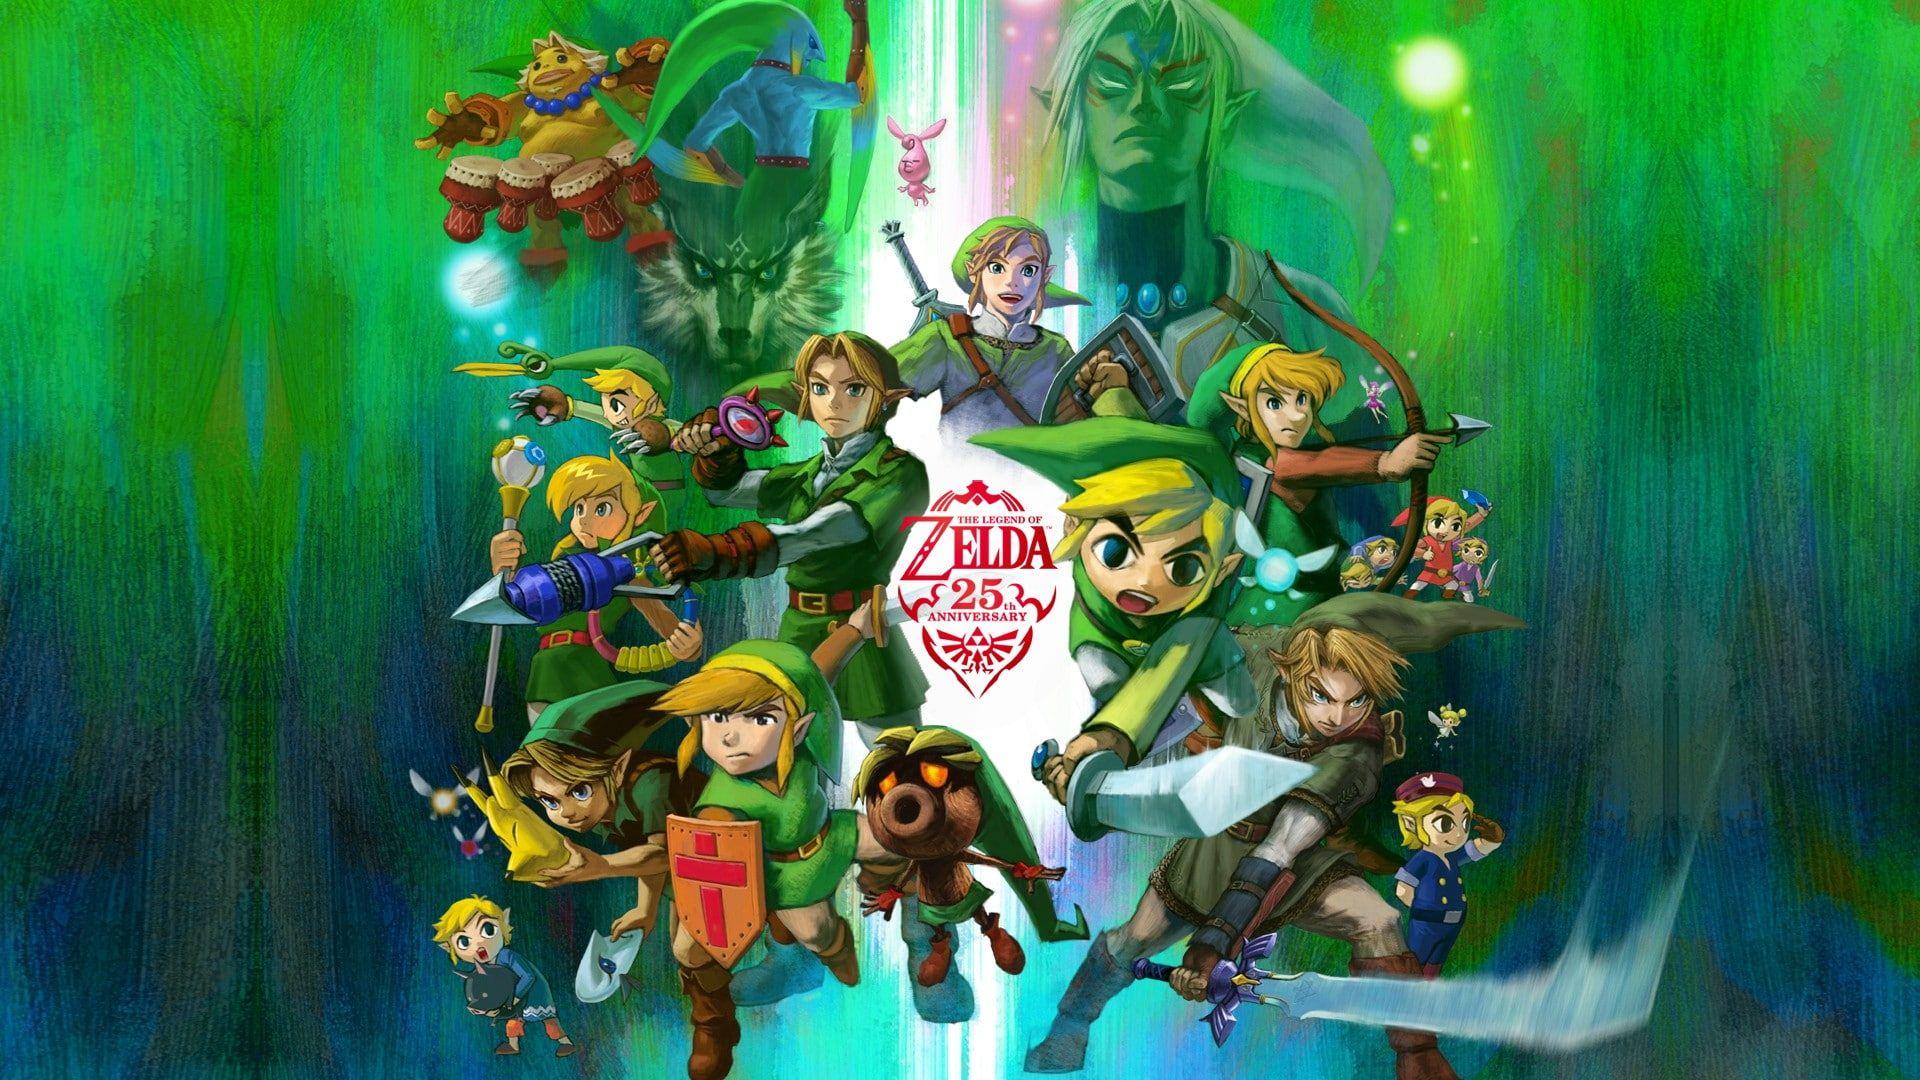 Zelda Wallpaper Zelda The Legend Of Zelda Nintendo Link 1080p Wallpaper Hdwallpaper Desktop Legend Of Zelda Characters Poster Prints Legend Of Zelda